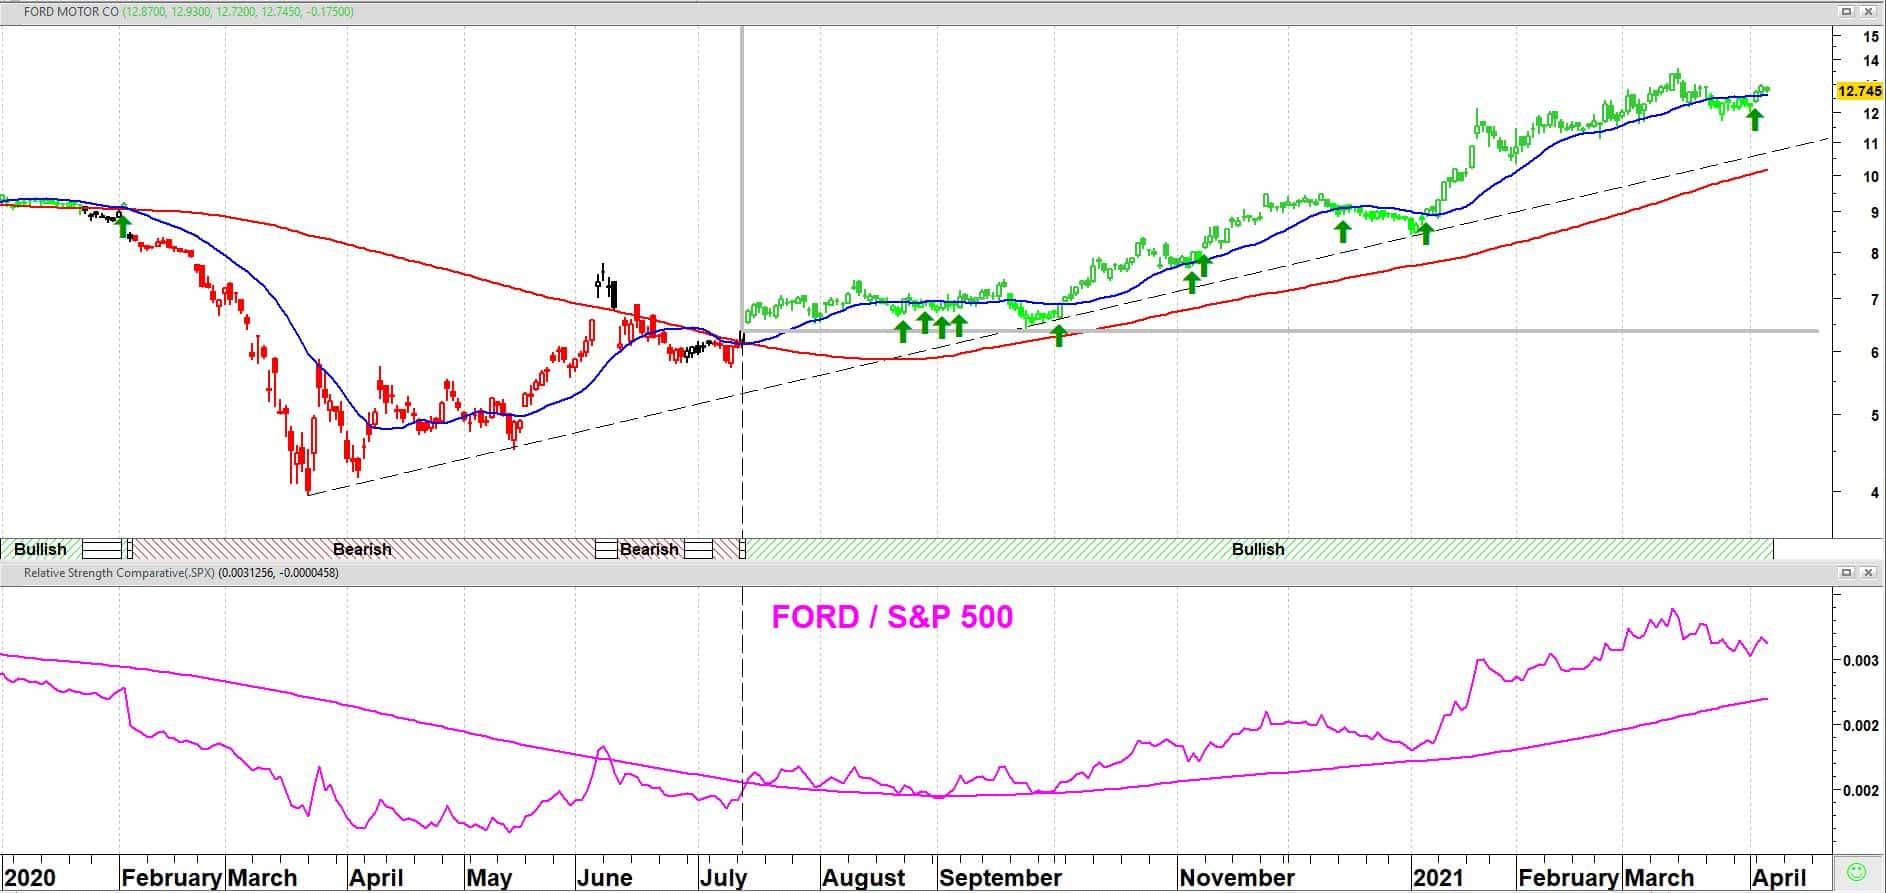 Ford Motor Company koers + 20/120-daags gemiddelden + relatieve sterkte (RS) versus S&P 500 index